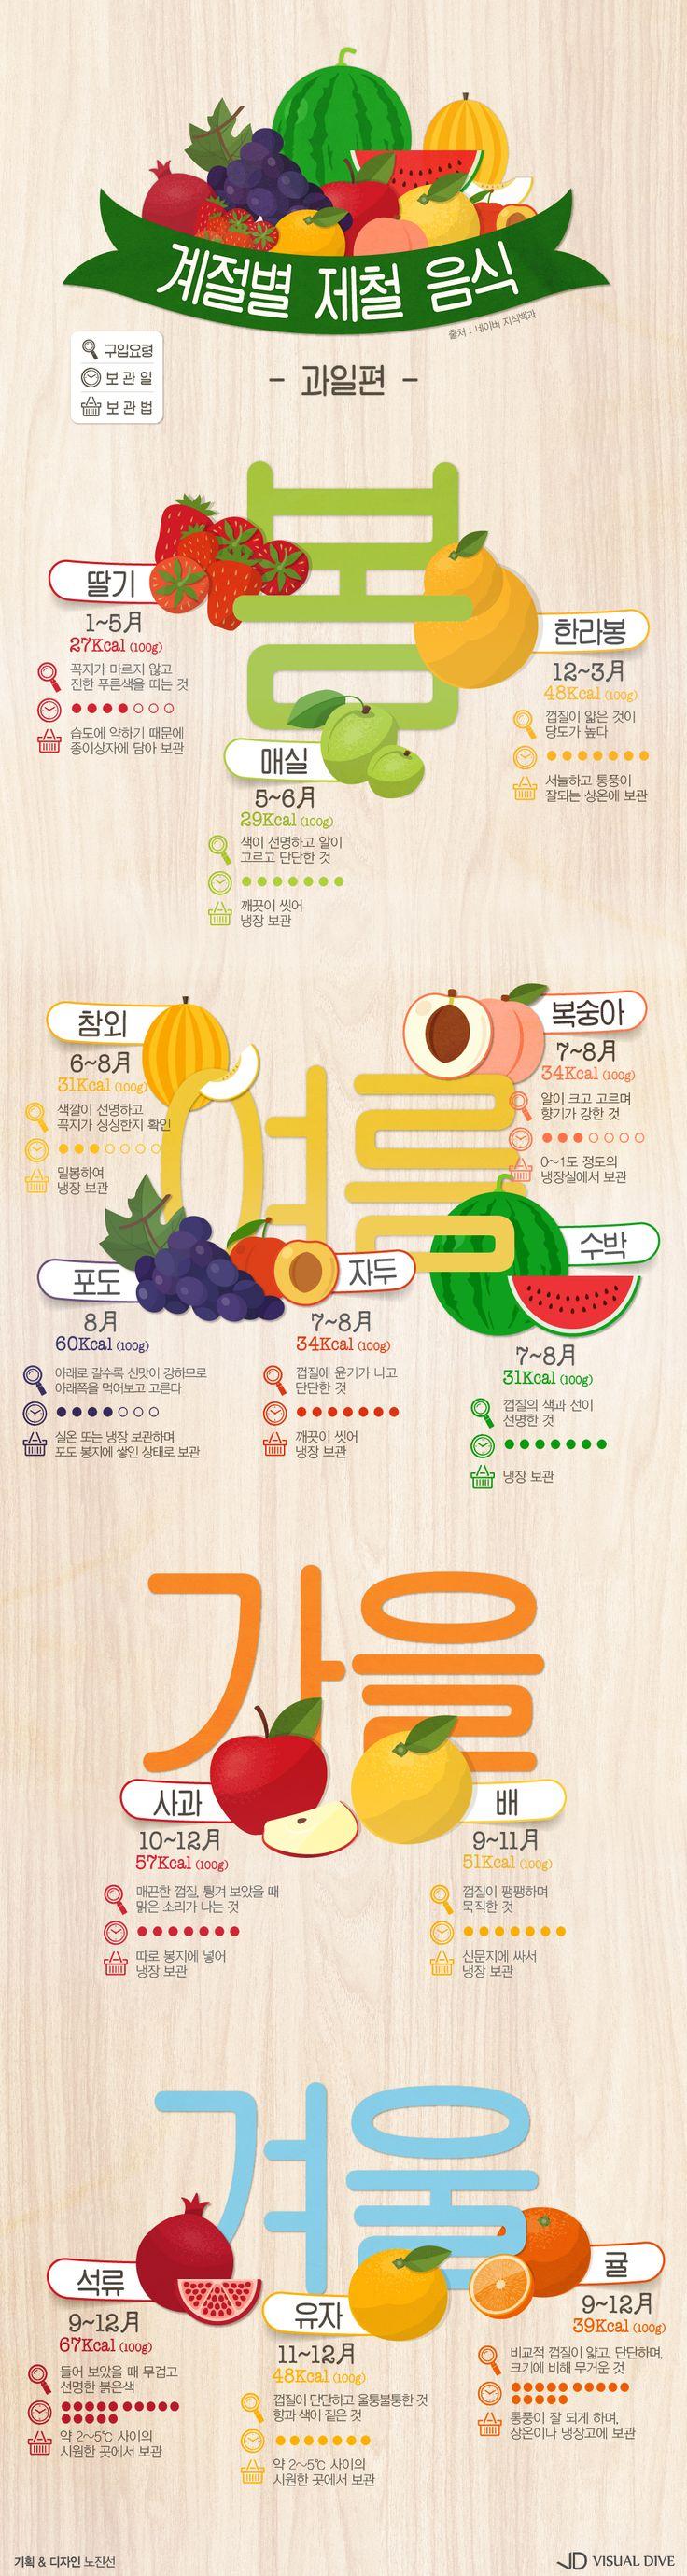 """저렴하고 맛있게 즐기는 """"당도 최고!"""" 제철과일 [인포그래픽] #fruit / #Infographic ⓒ 비주얼다이브 무단 복사·전재·재배포 금지"""